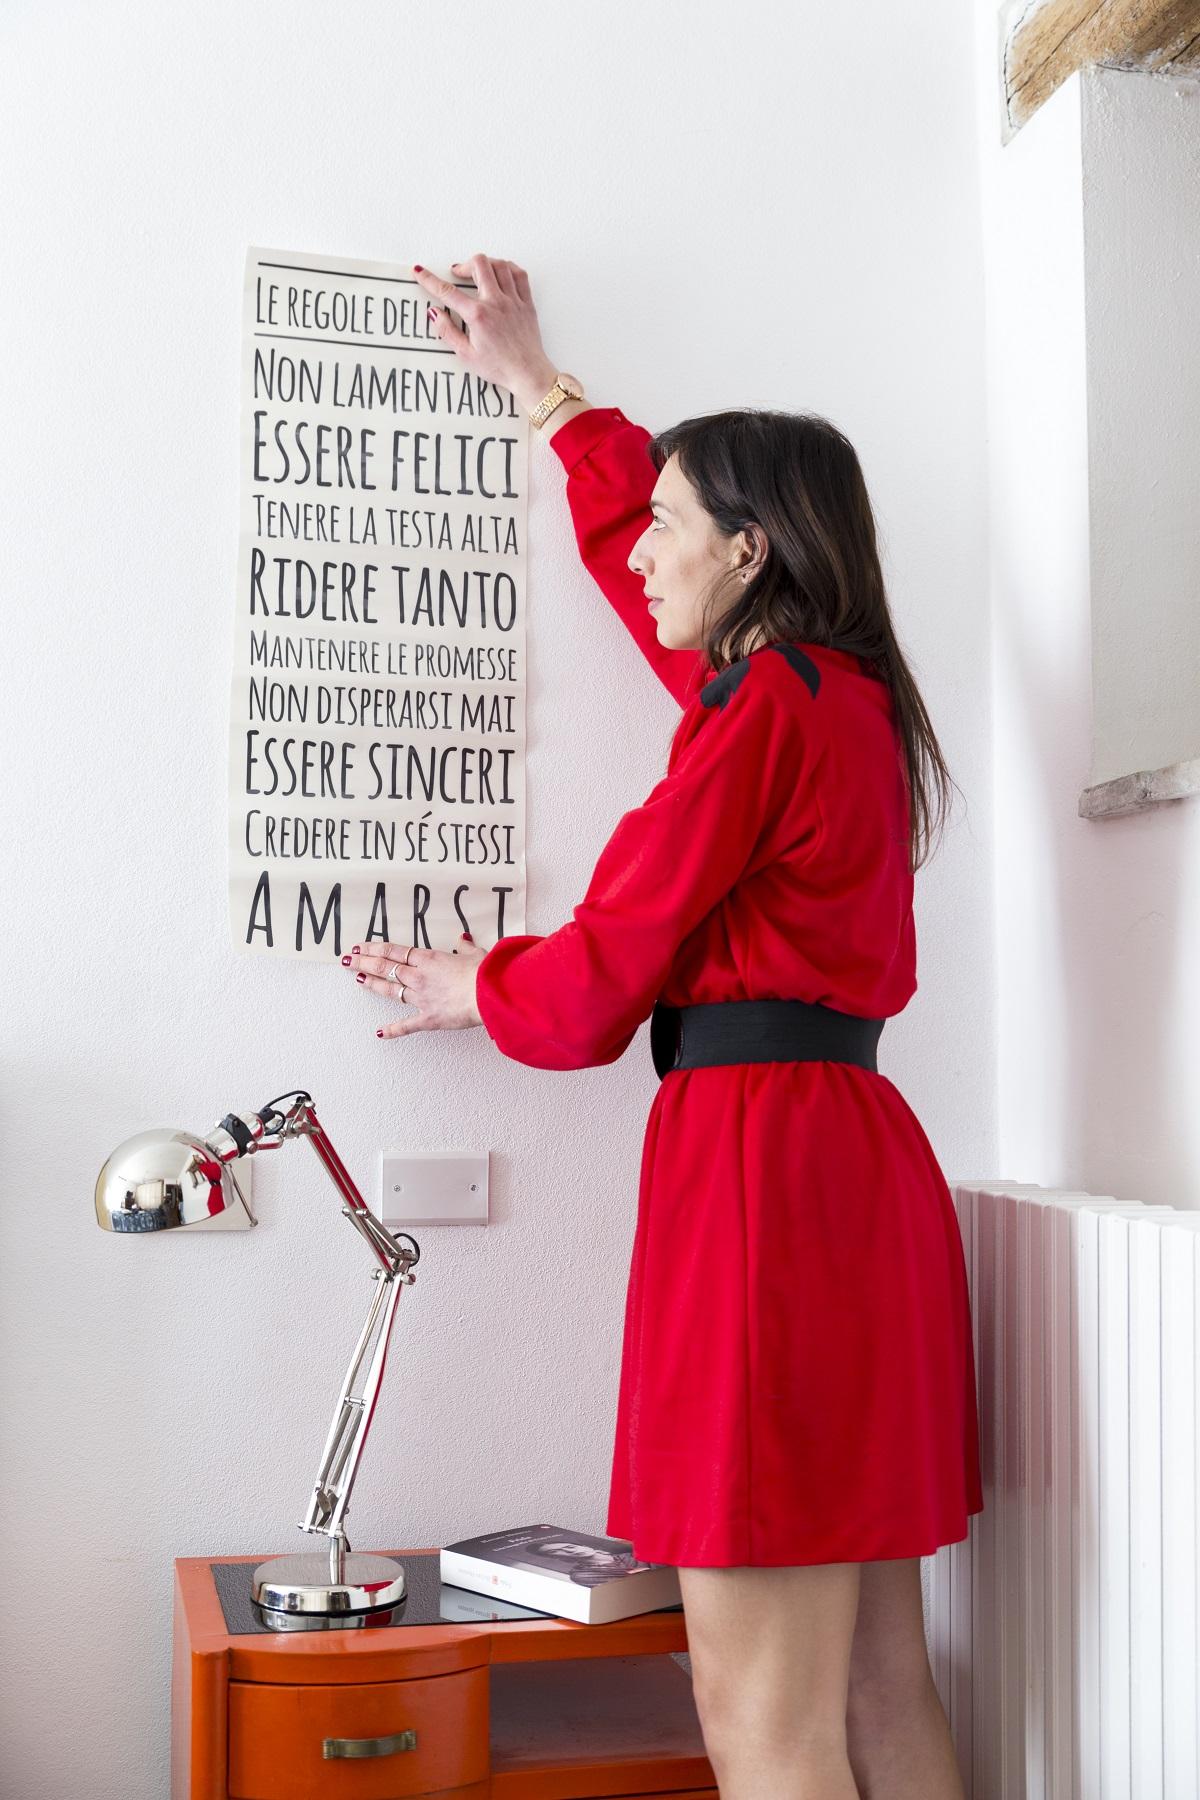 Rendi la tua casa unica e speciale con le decorazioni firmate Wall-art: adesivi da muro, stampe per pareti,pannelli para-schizzi e tanto altro ancora!